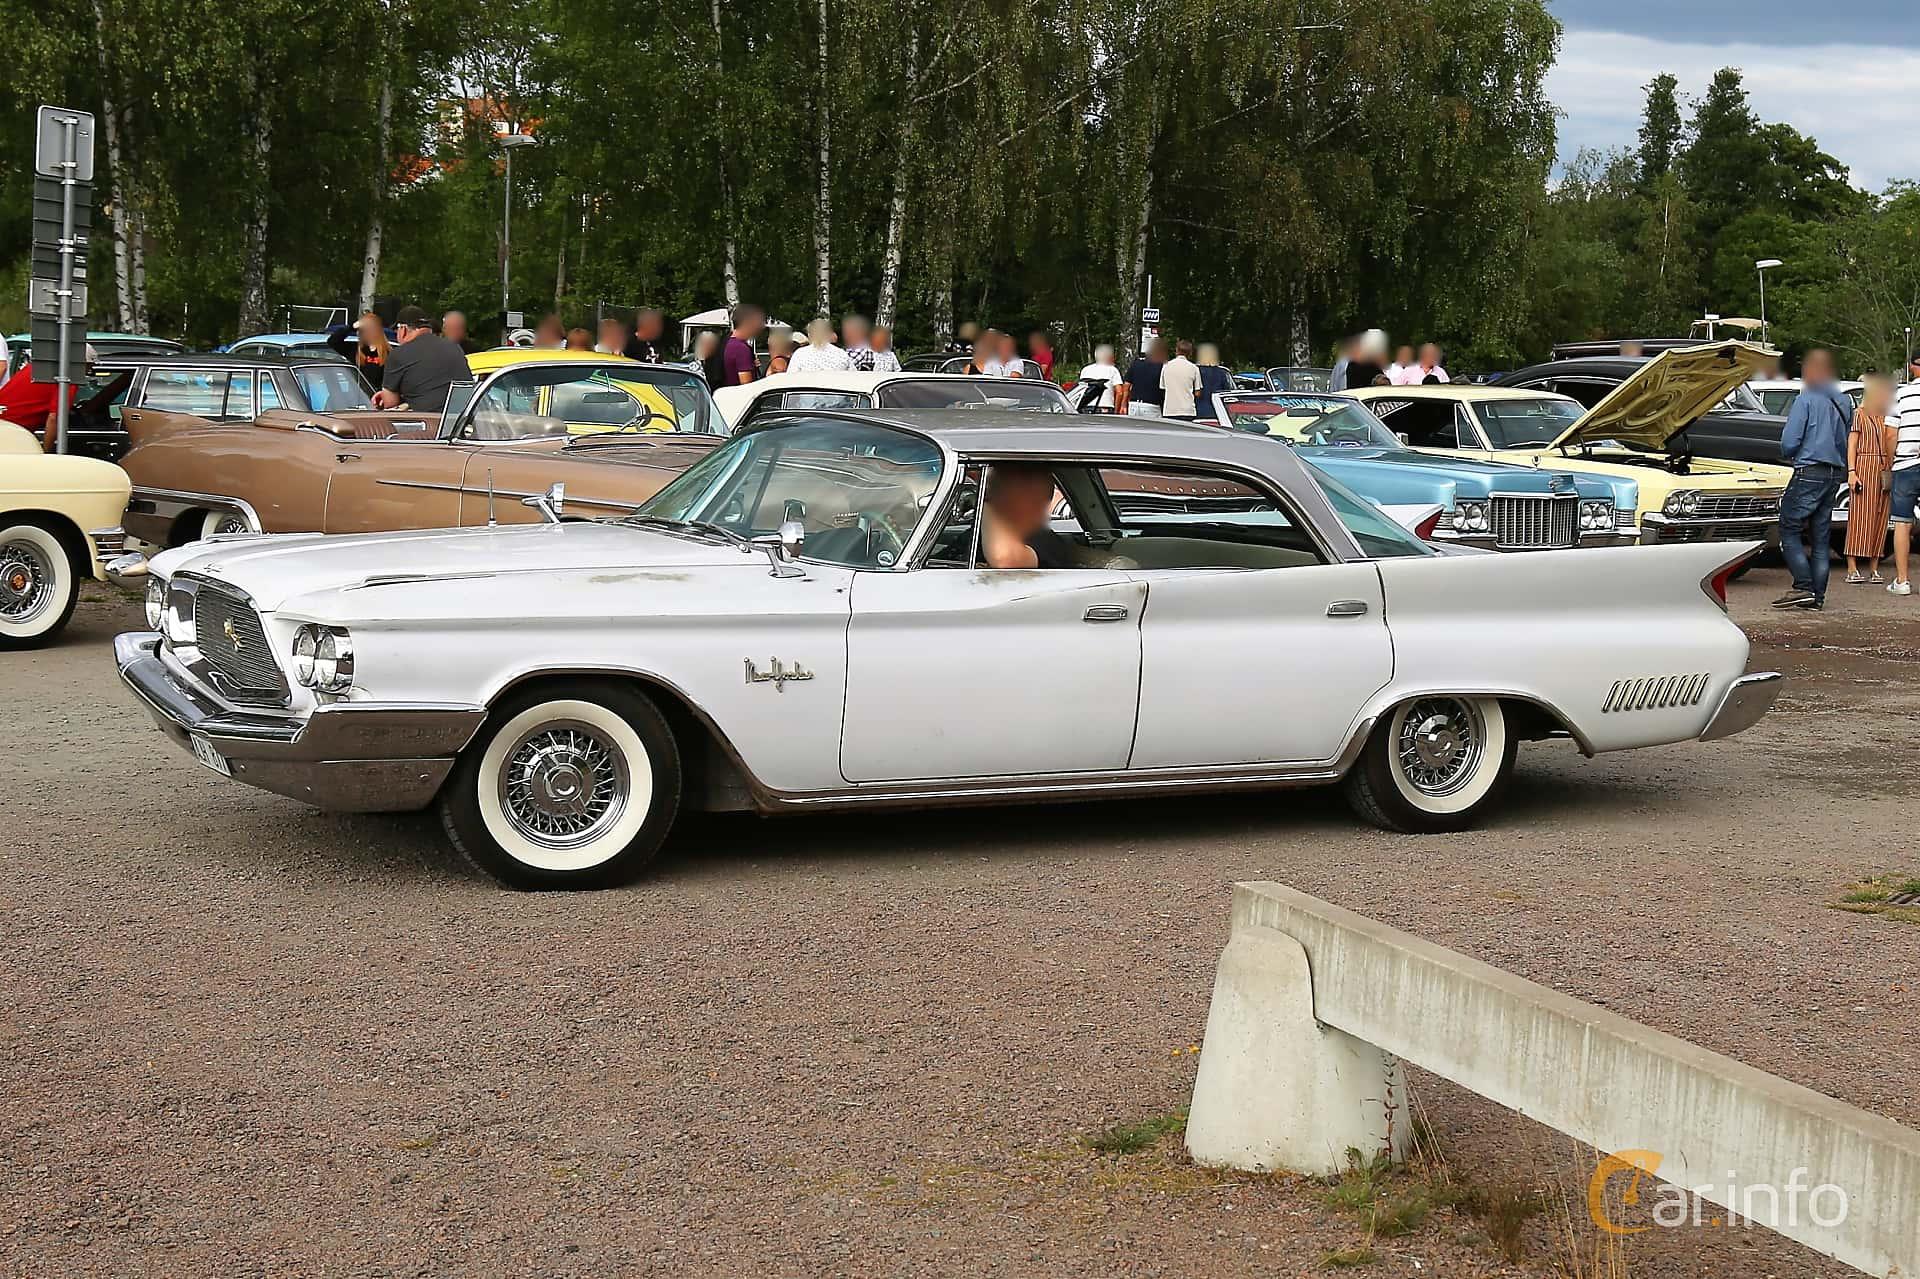 Fram/Sida av Chrysler New Yorker 4-door Hardtop 6.8 V8 TorqueFlite, 355ps, 1960 på Kungälvs Kulturhistoriska Fordonsvänner  2019 Torsdag vecka 31